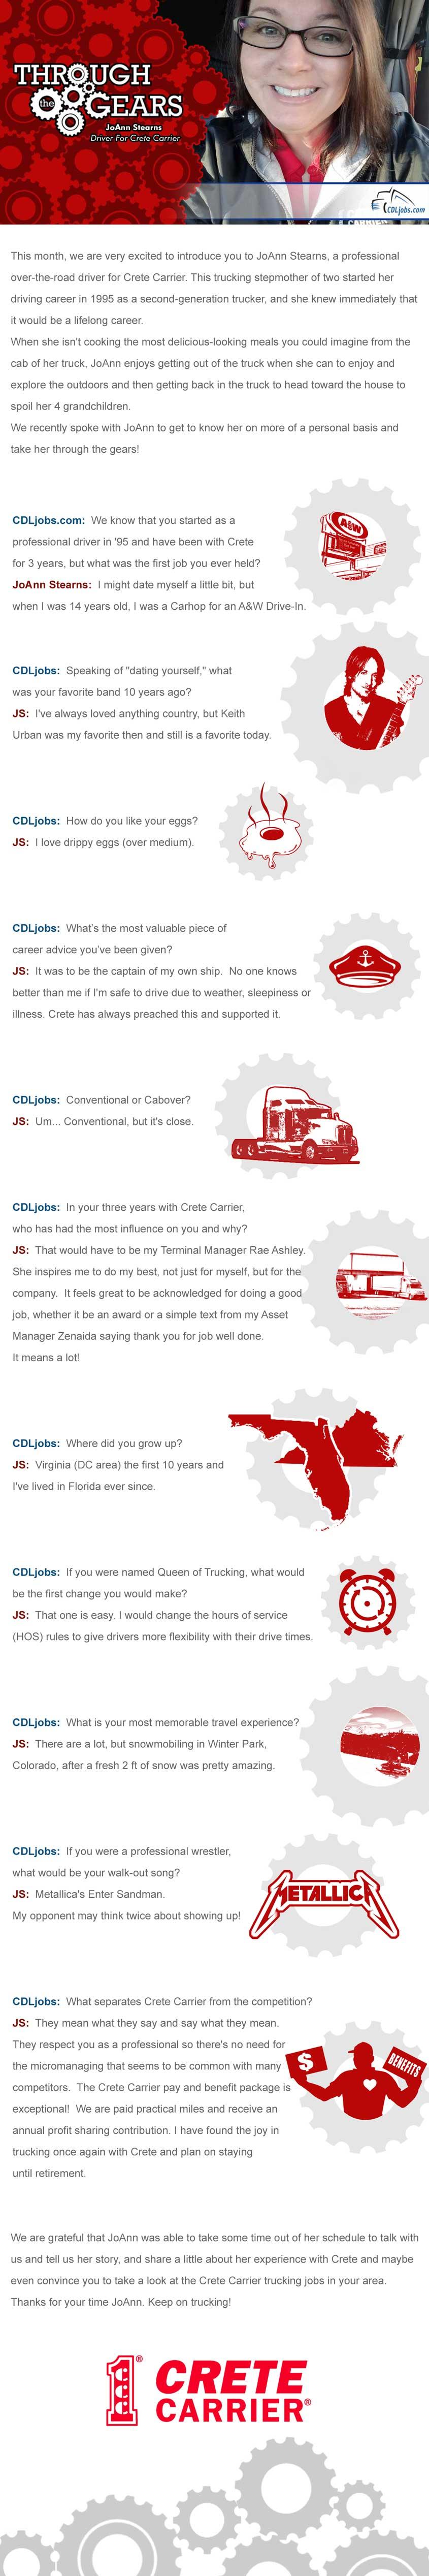 crete carrier trucking jobs